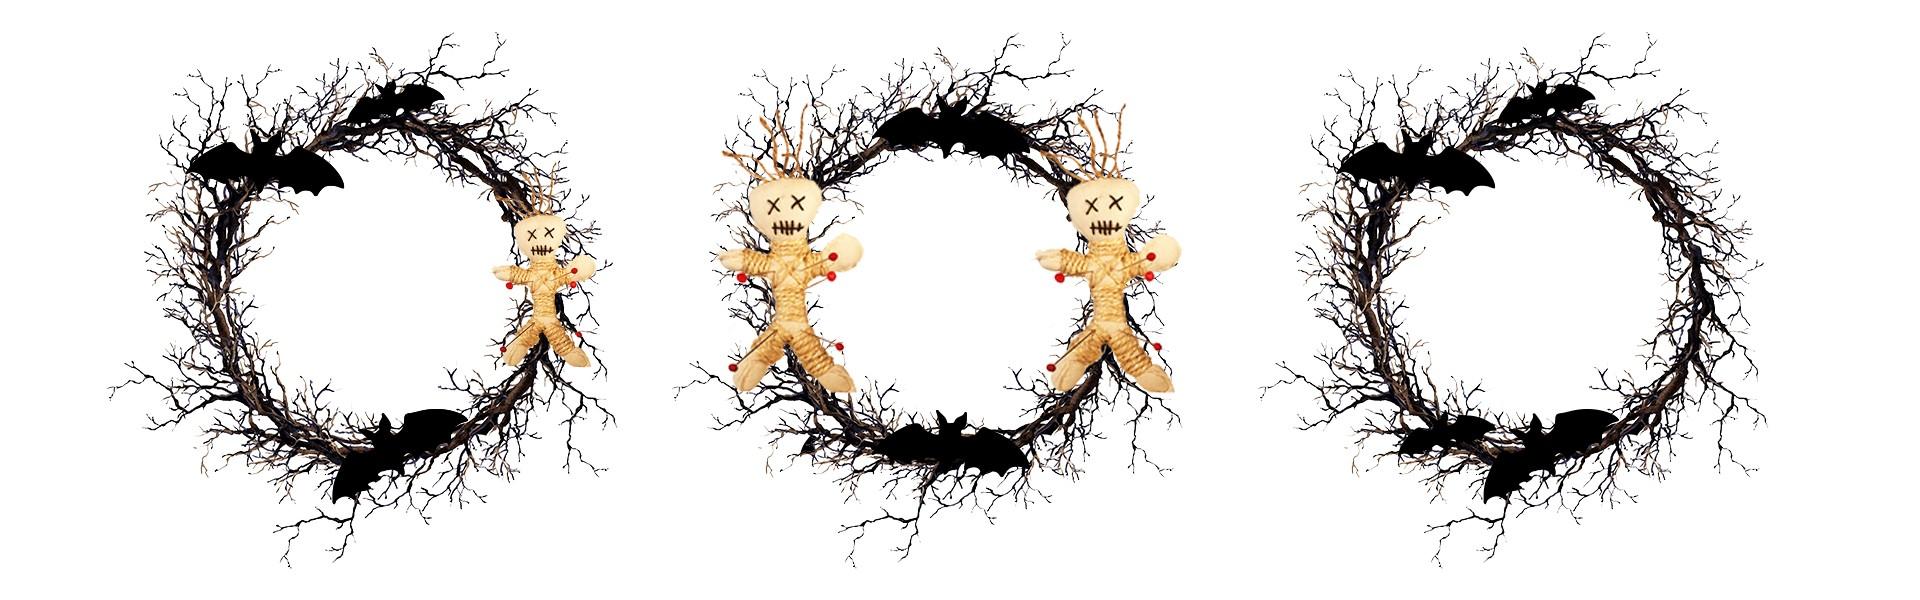 stick wreaths